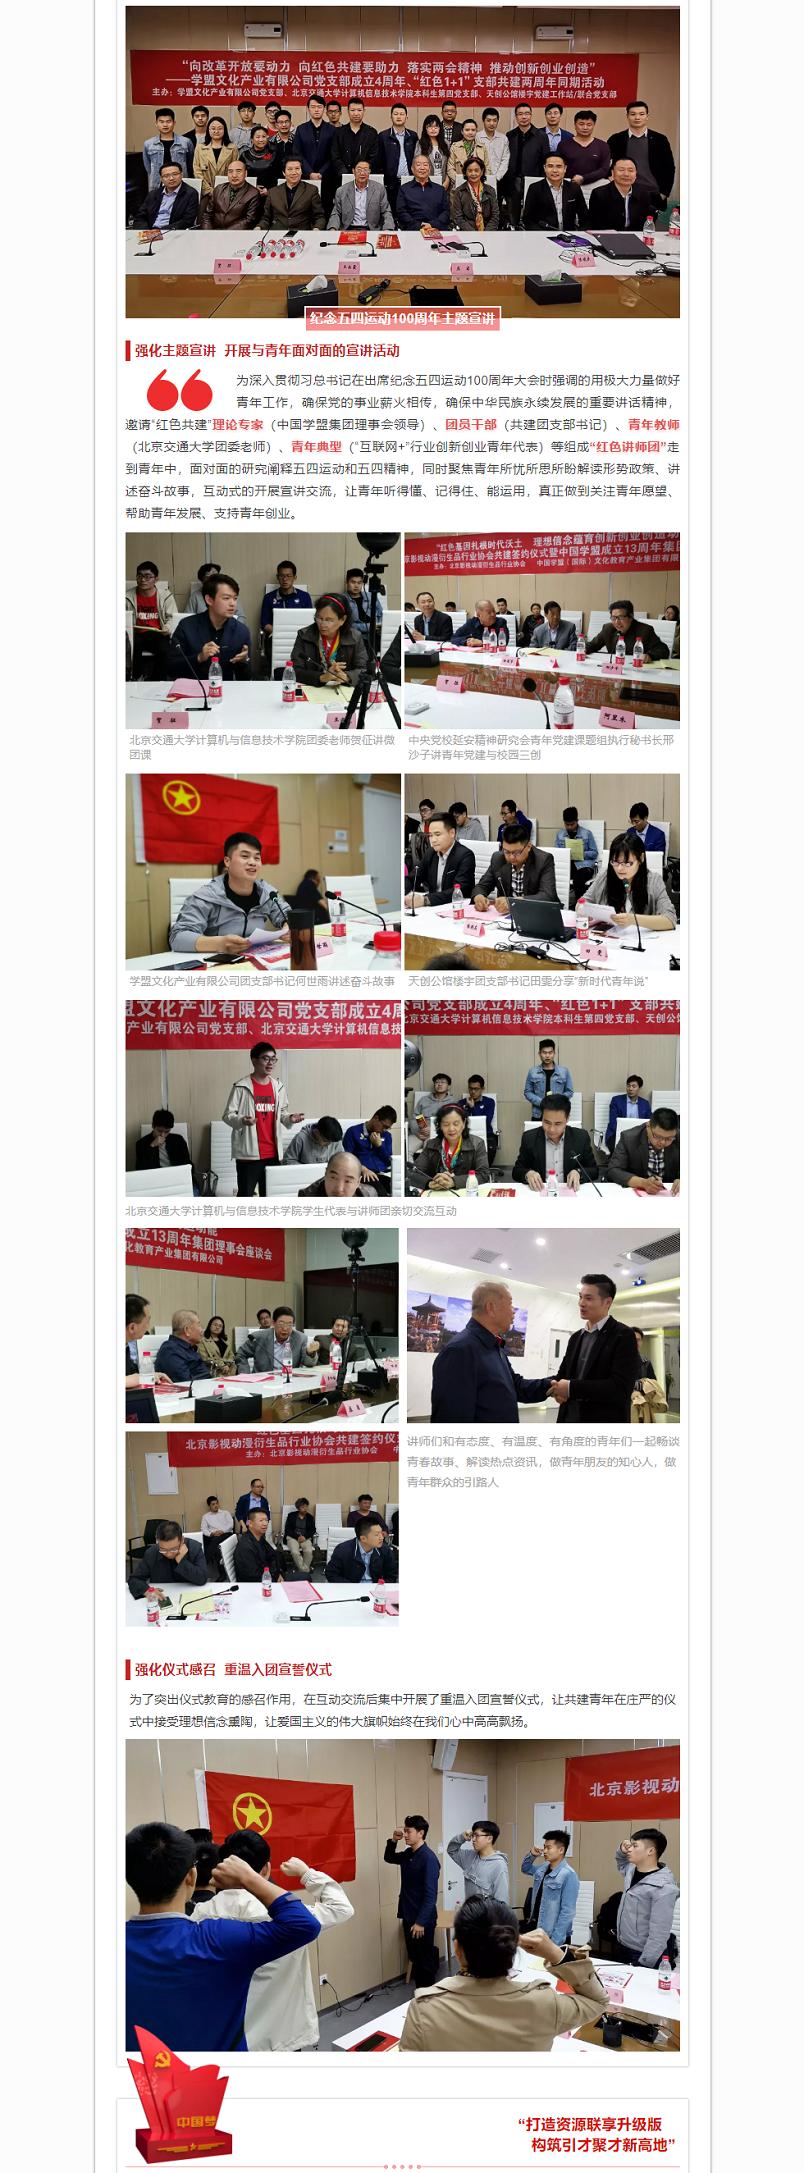 天创工作站4:纪念五四运动100周年 学盟党团企协共建活动.png